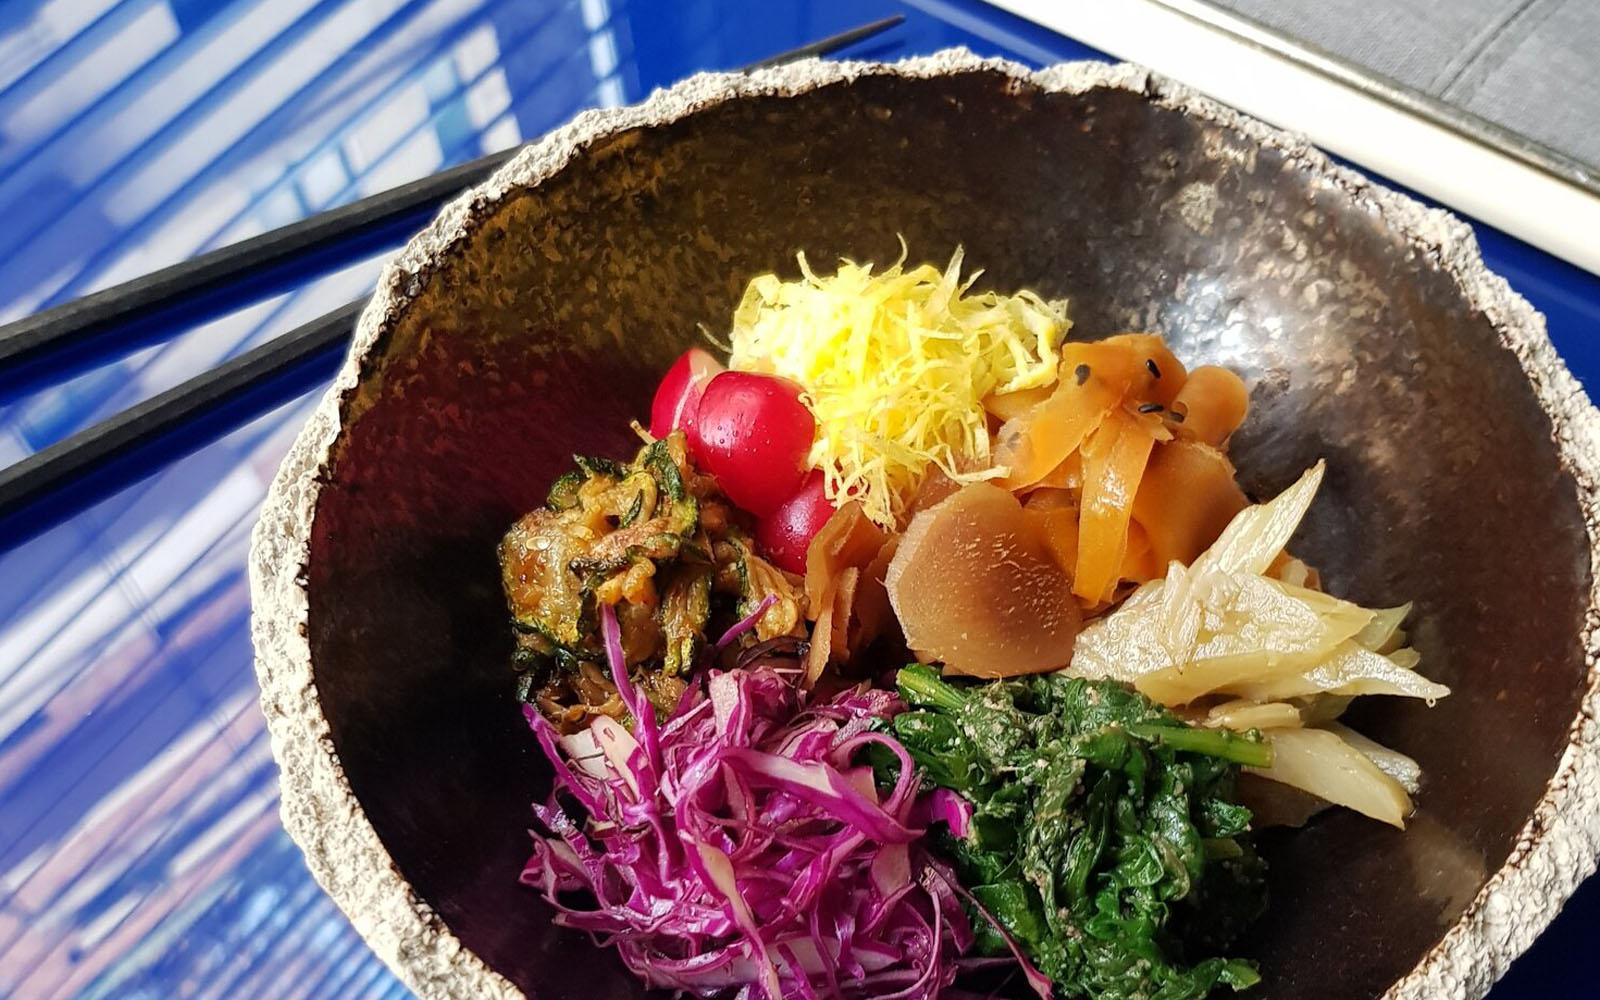 Le verdure cotte e marinate utilizzando le tecniche giapponesi della Bentoteca. © oltreilbalcone